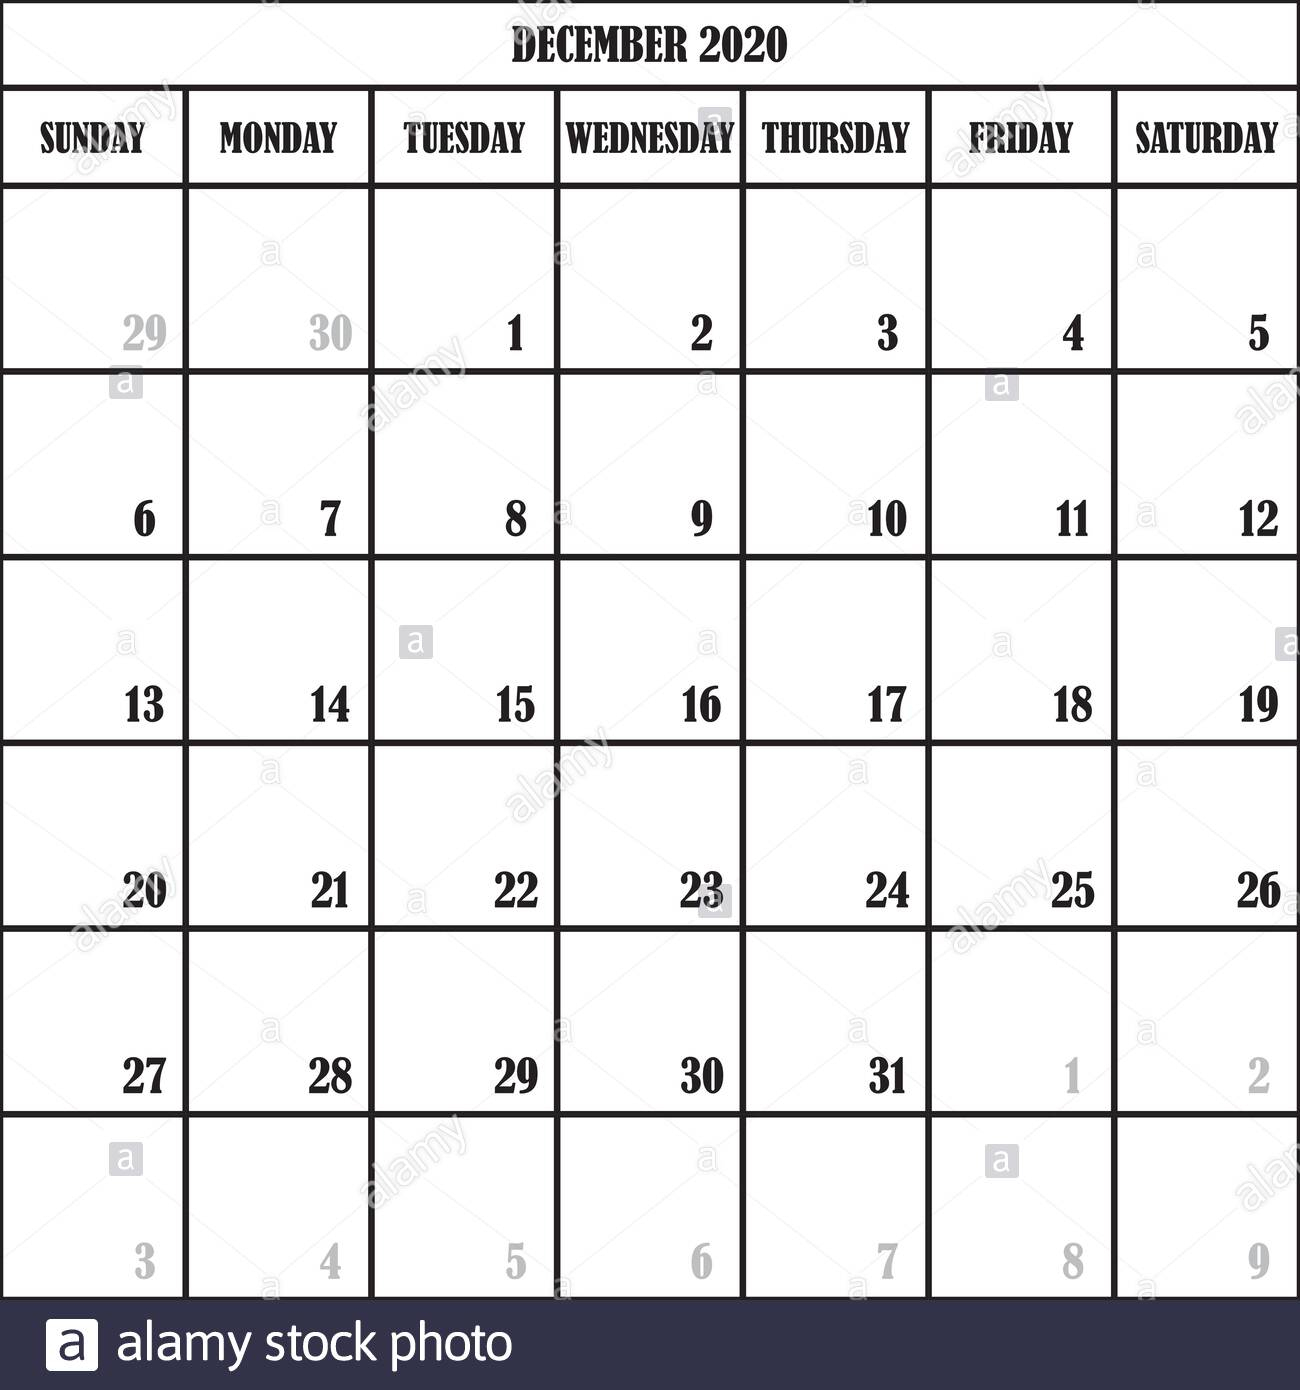 Calendar Planner Month December 2020 On Transparent intended for 2020 Transparent Background